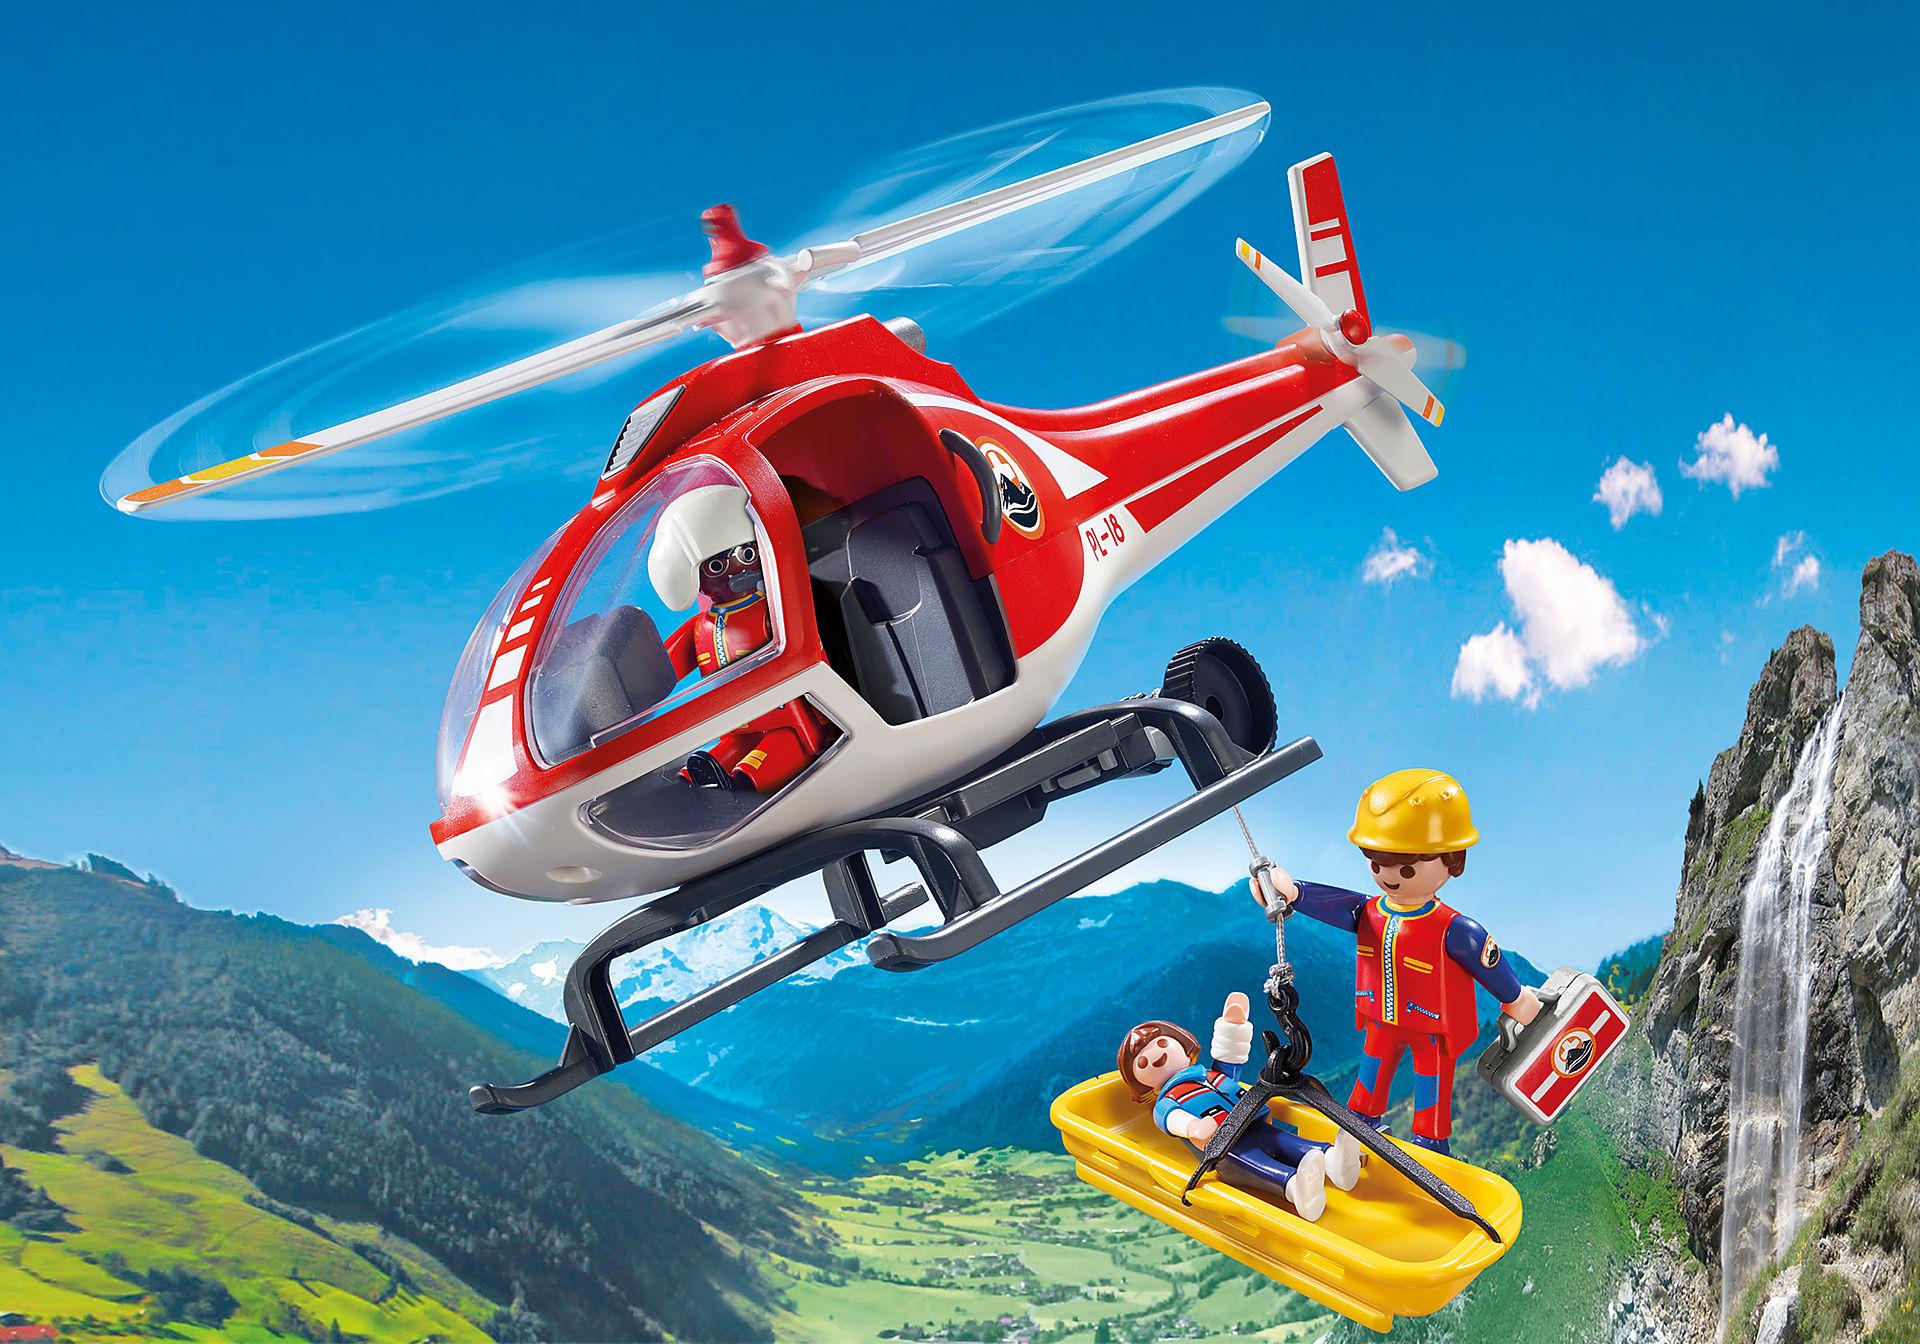 9127 Helicóptero de Rescate de Montaña zoom image1